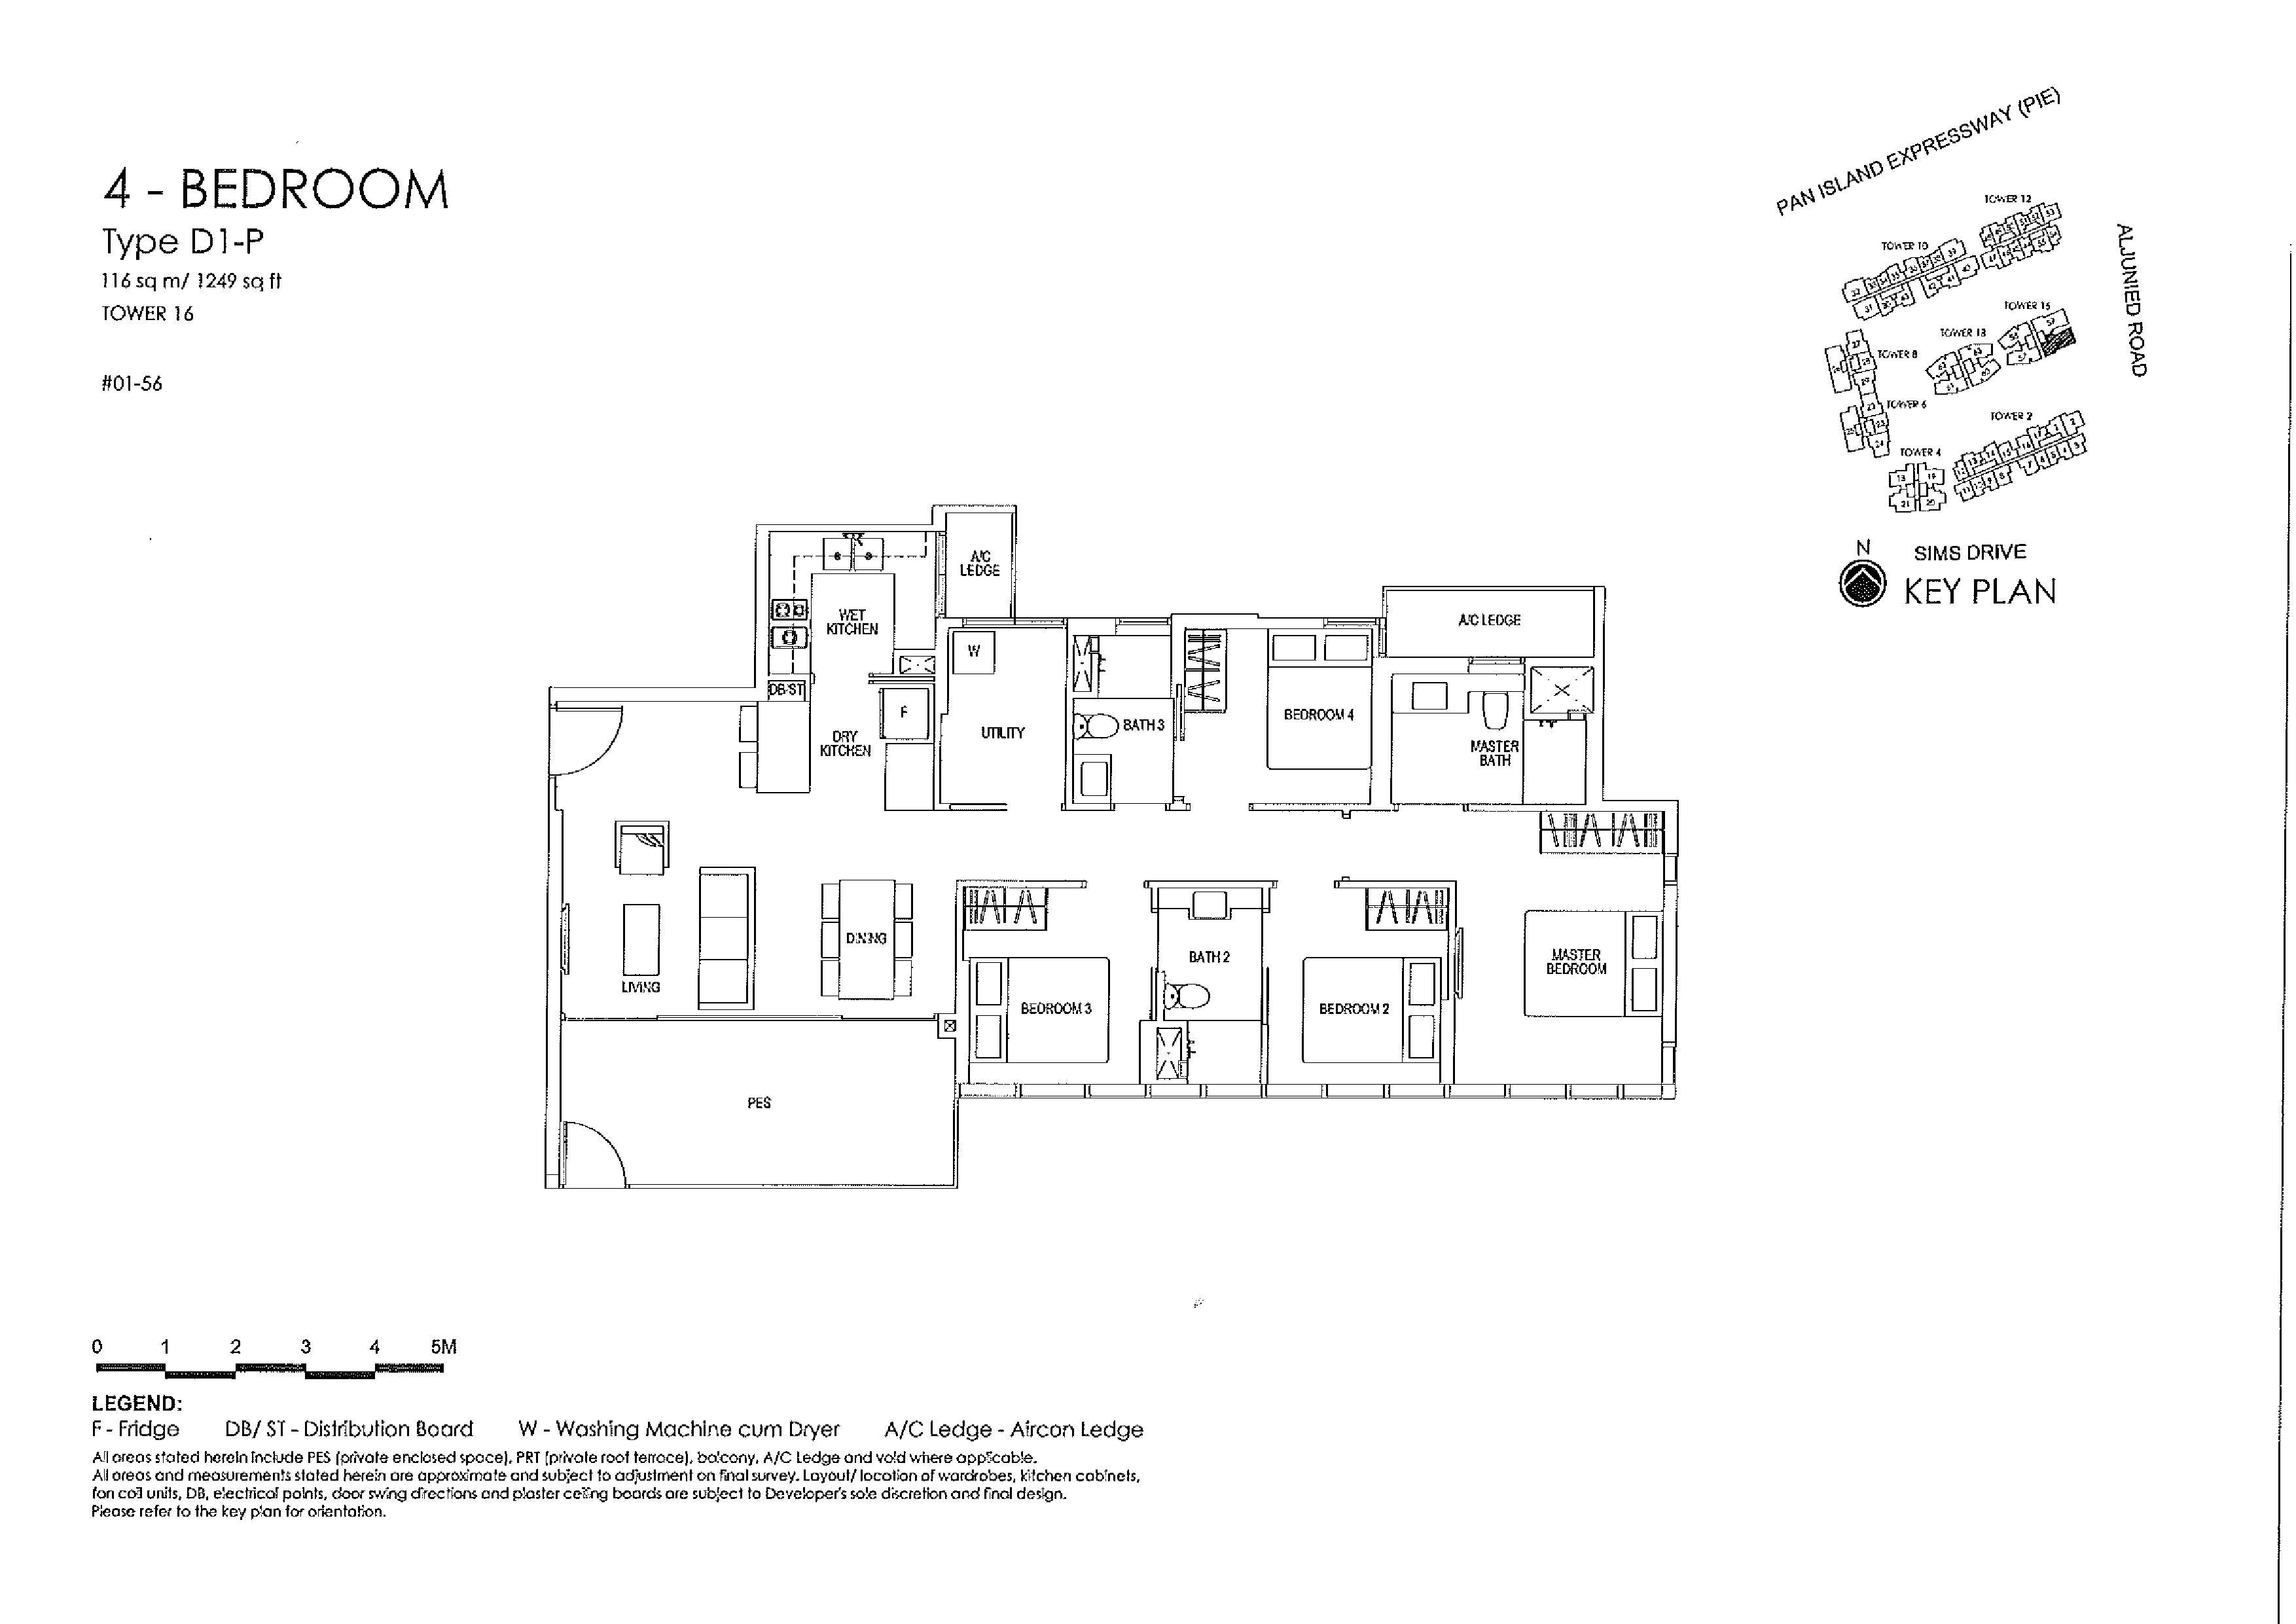 Sims Urban Oasis 4 Bedroom Type D1-P Floor Plans